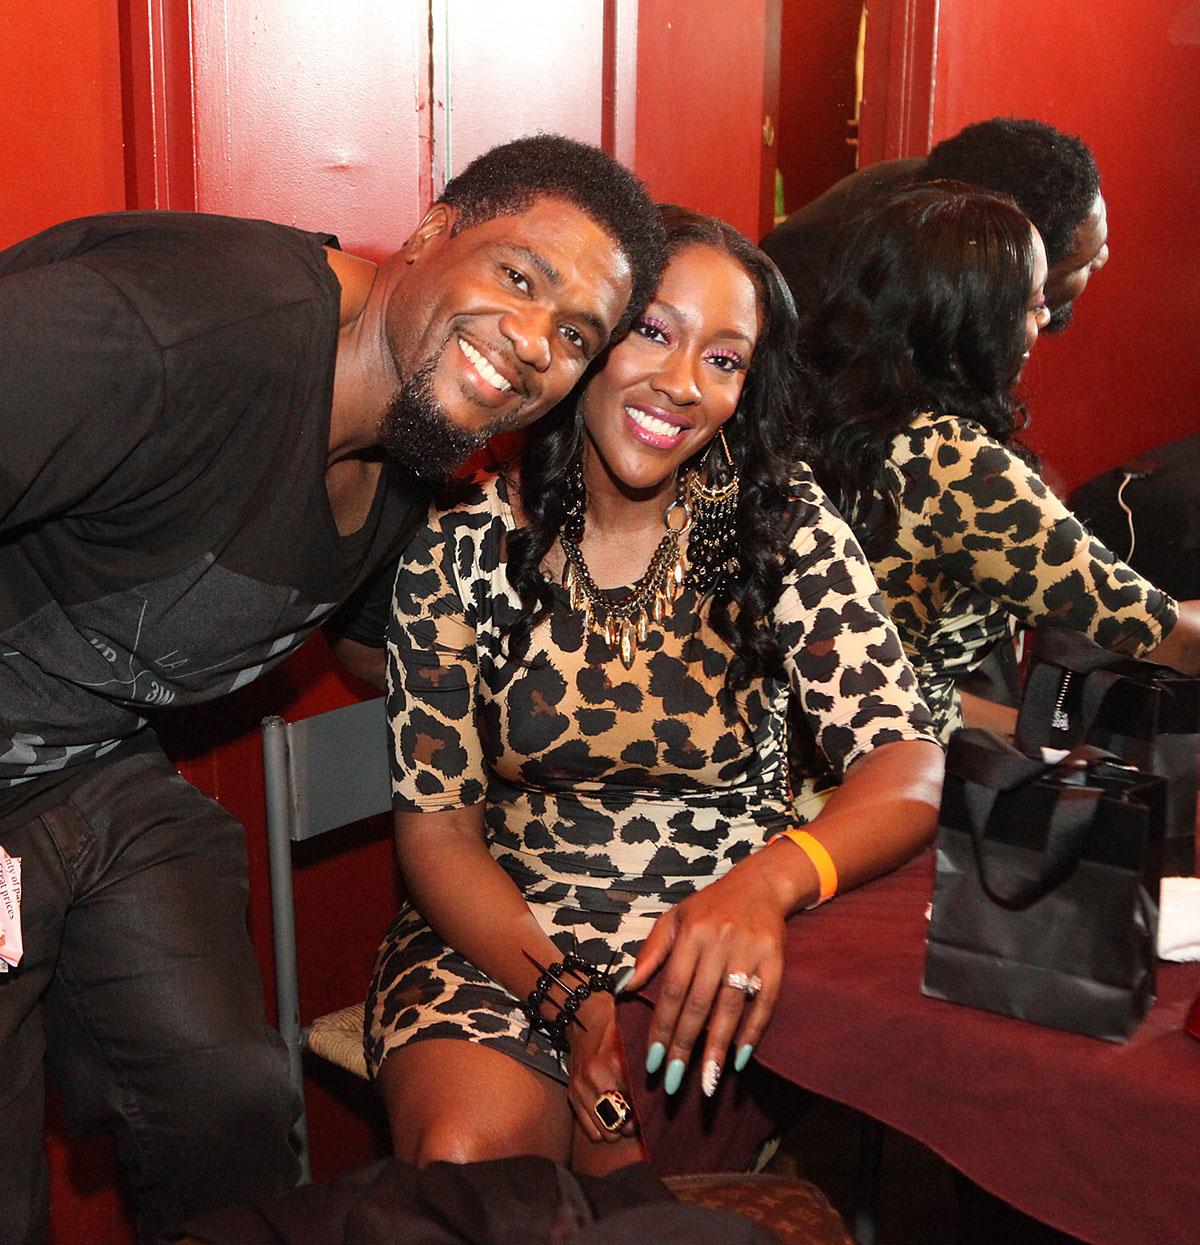 Big Mike Clemmons and Cheryl Coko Clemons split